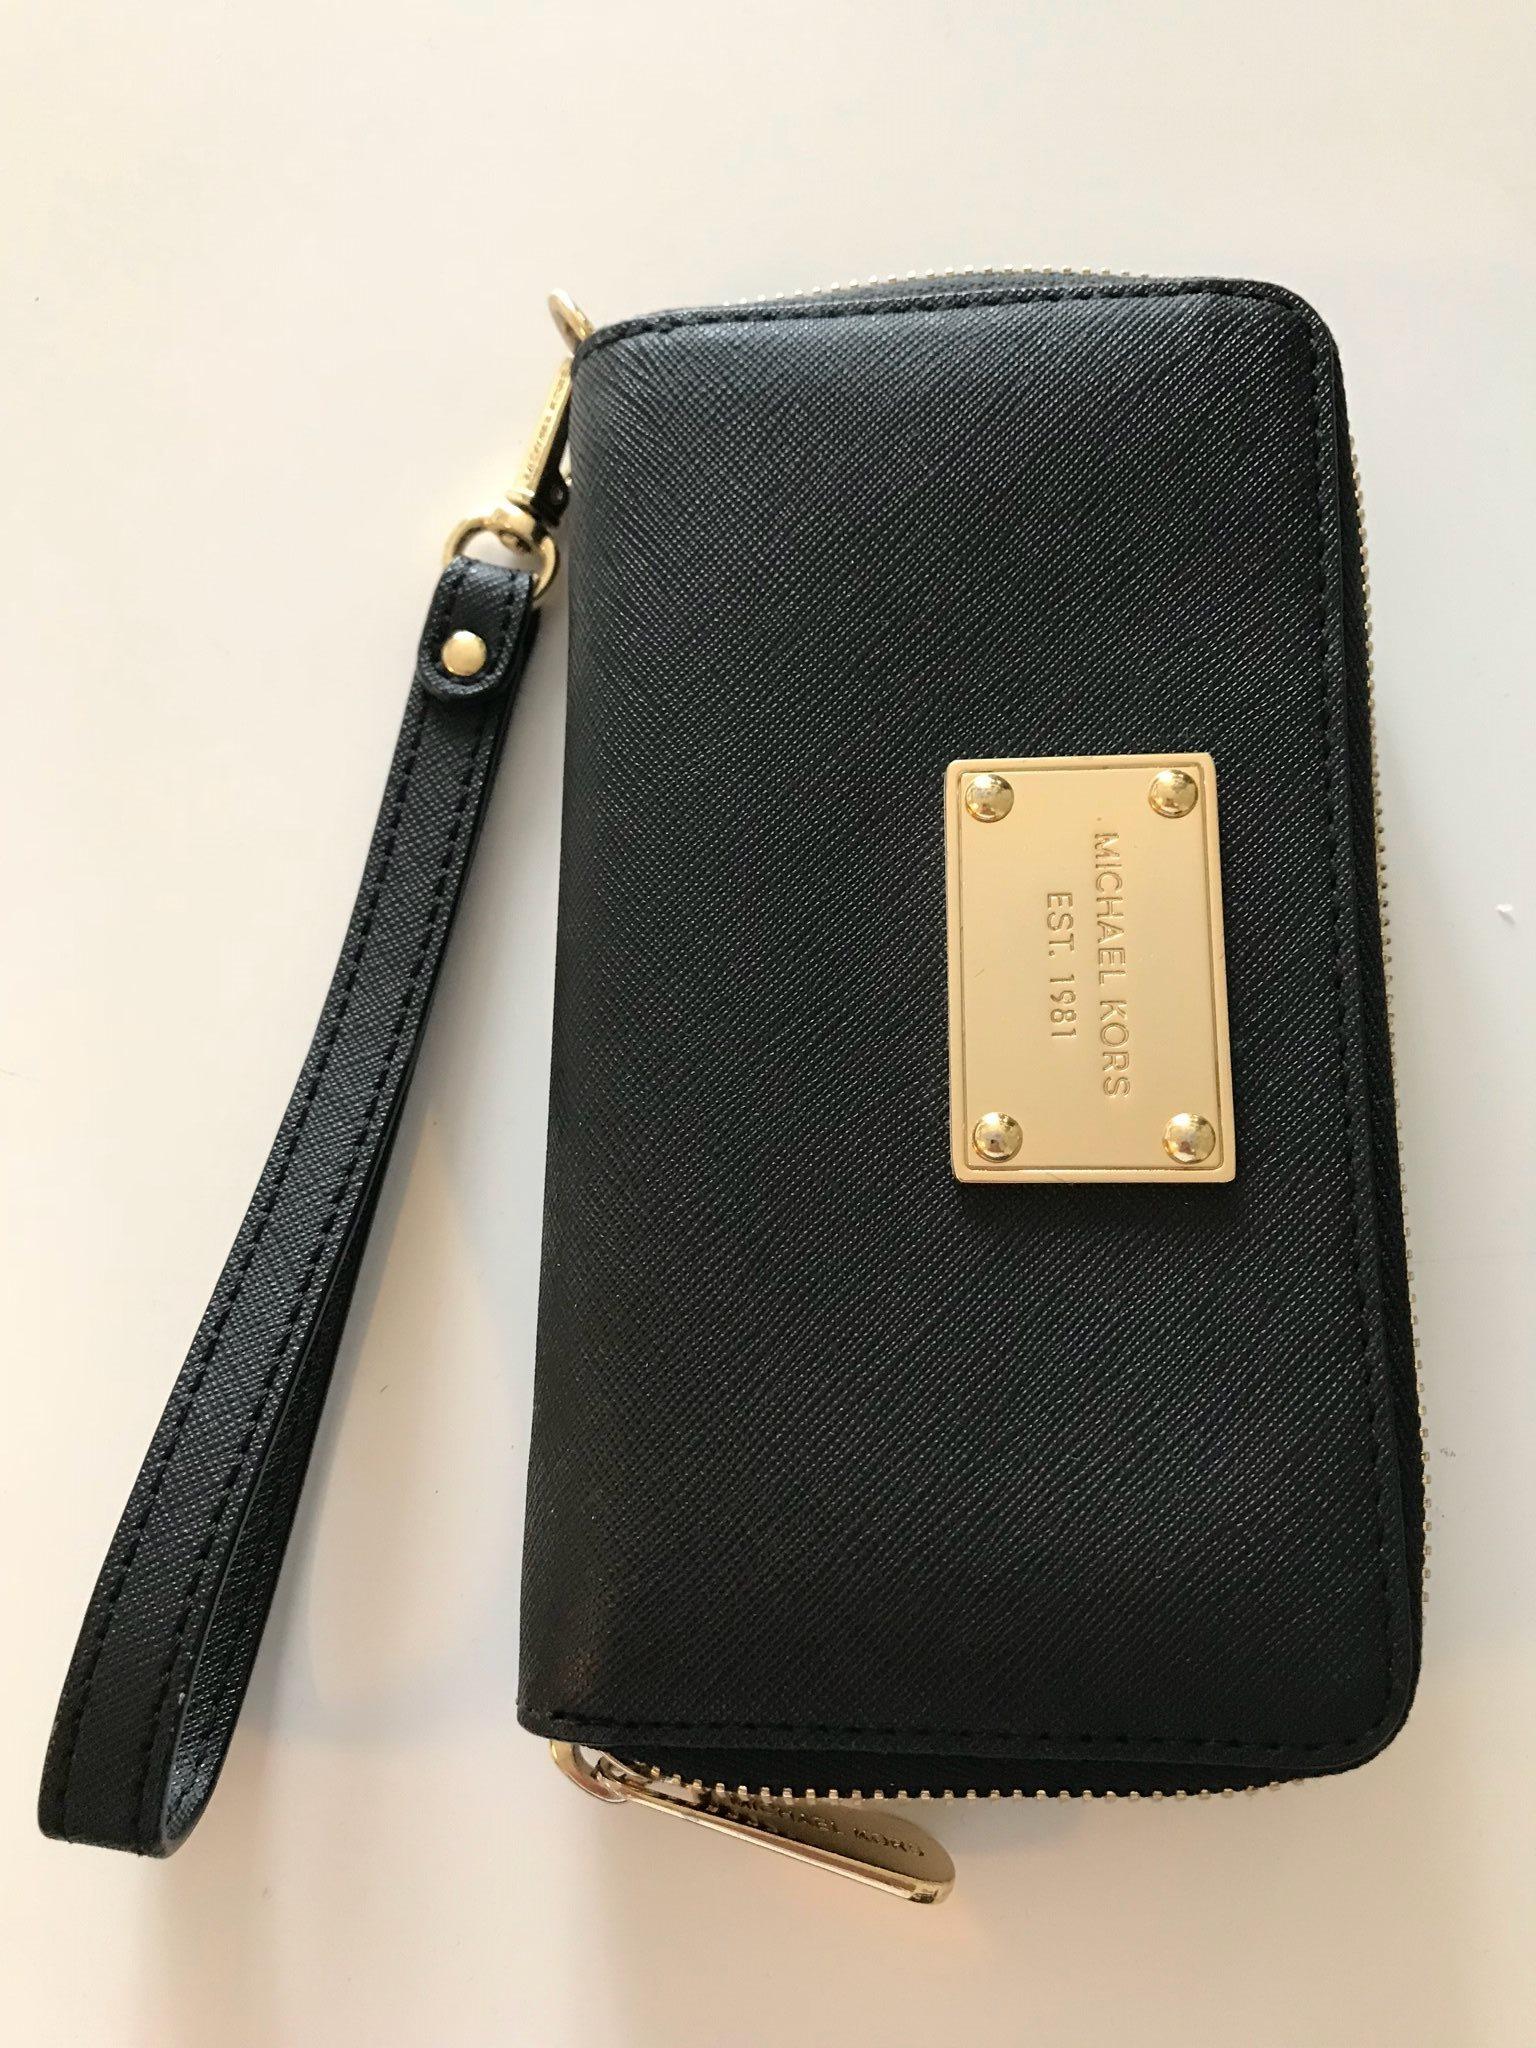 Michael kors mobilplånbok